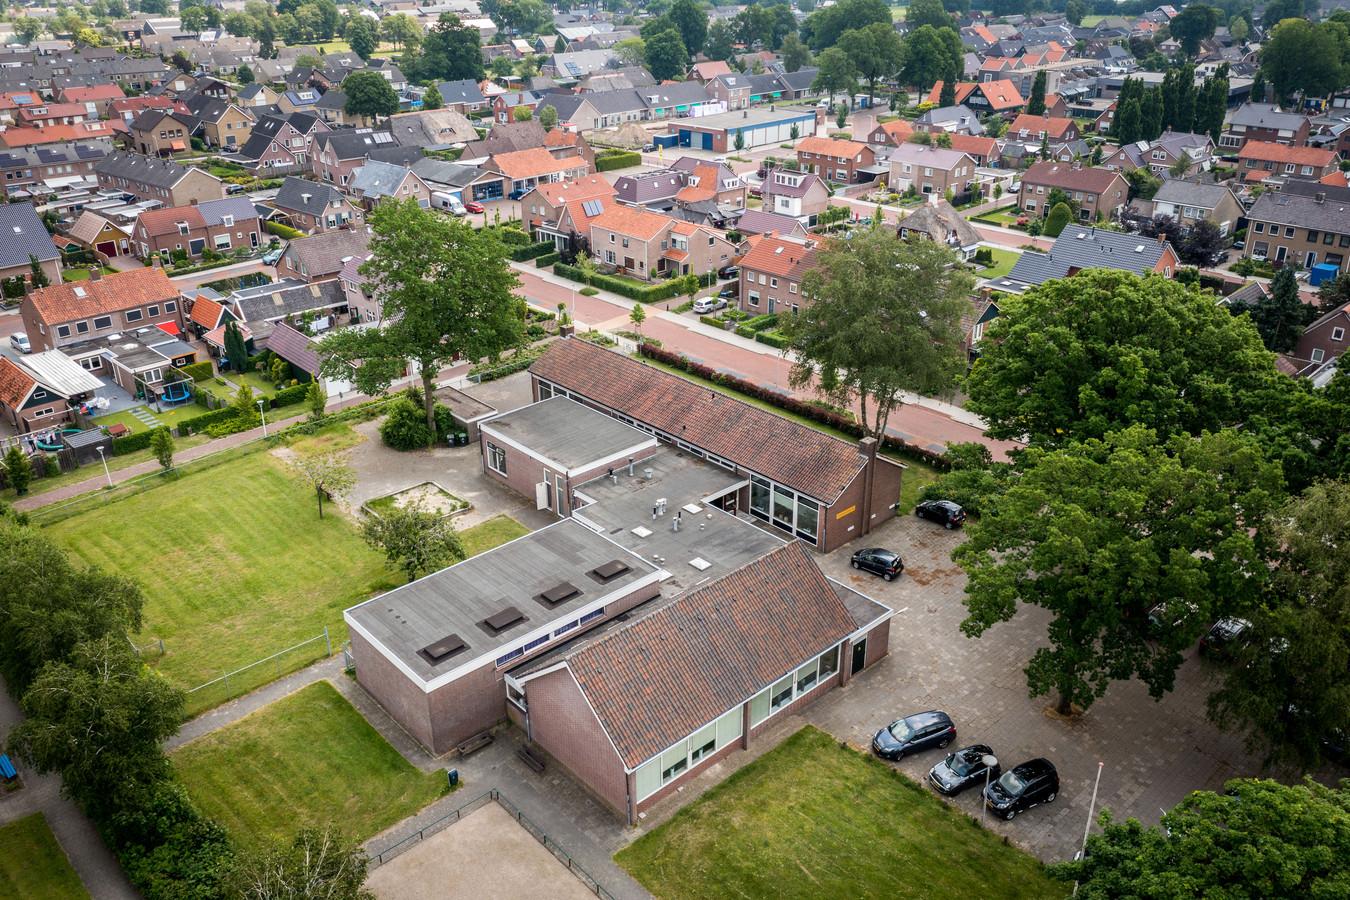 Het verouderde Dienstencentrum - een voormalig - schoolgebouw - maakt plaats voor nieuwbouw met appartementen. Tegen de woningbouw maken omwonenden bezwaar.